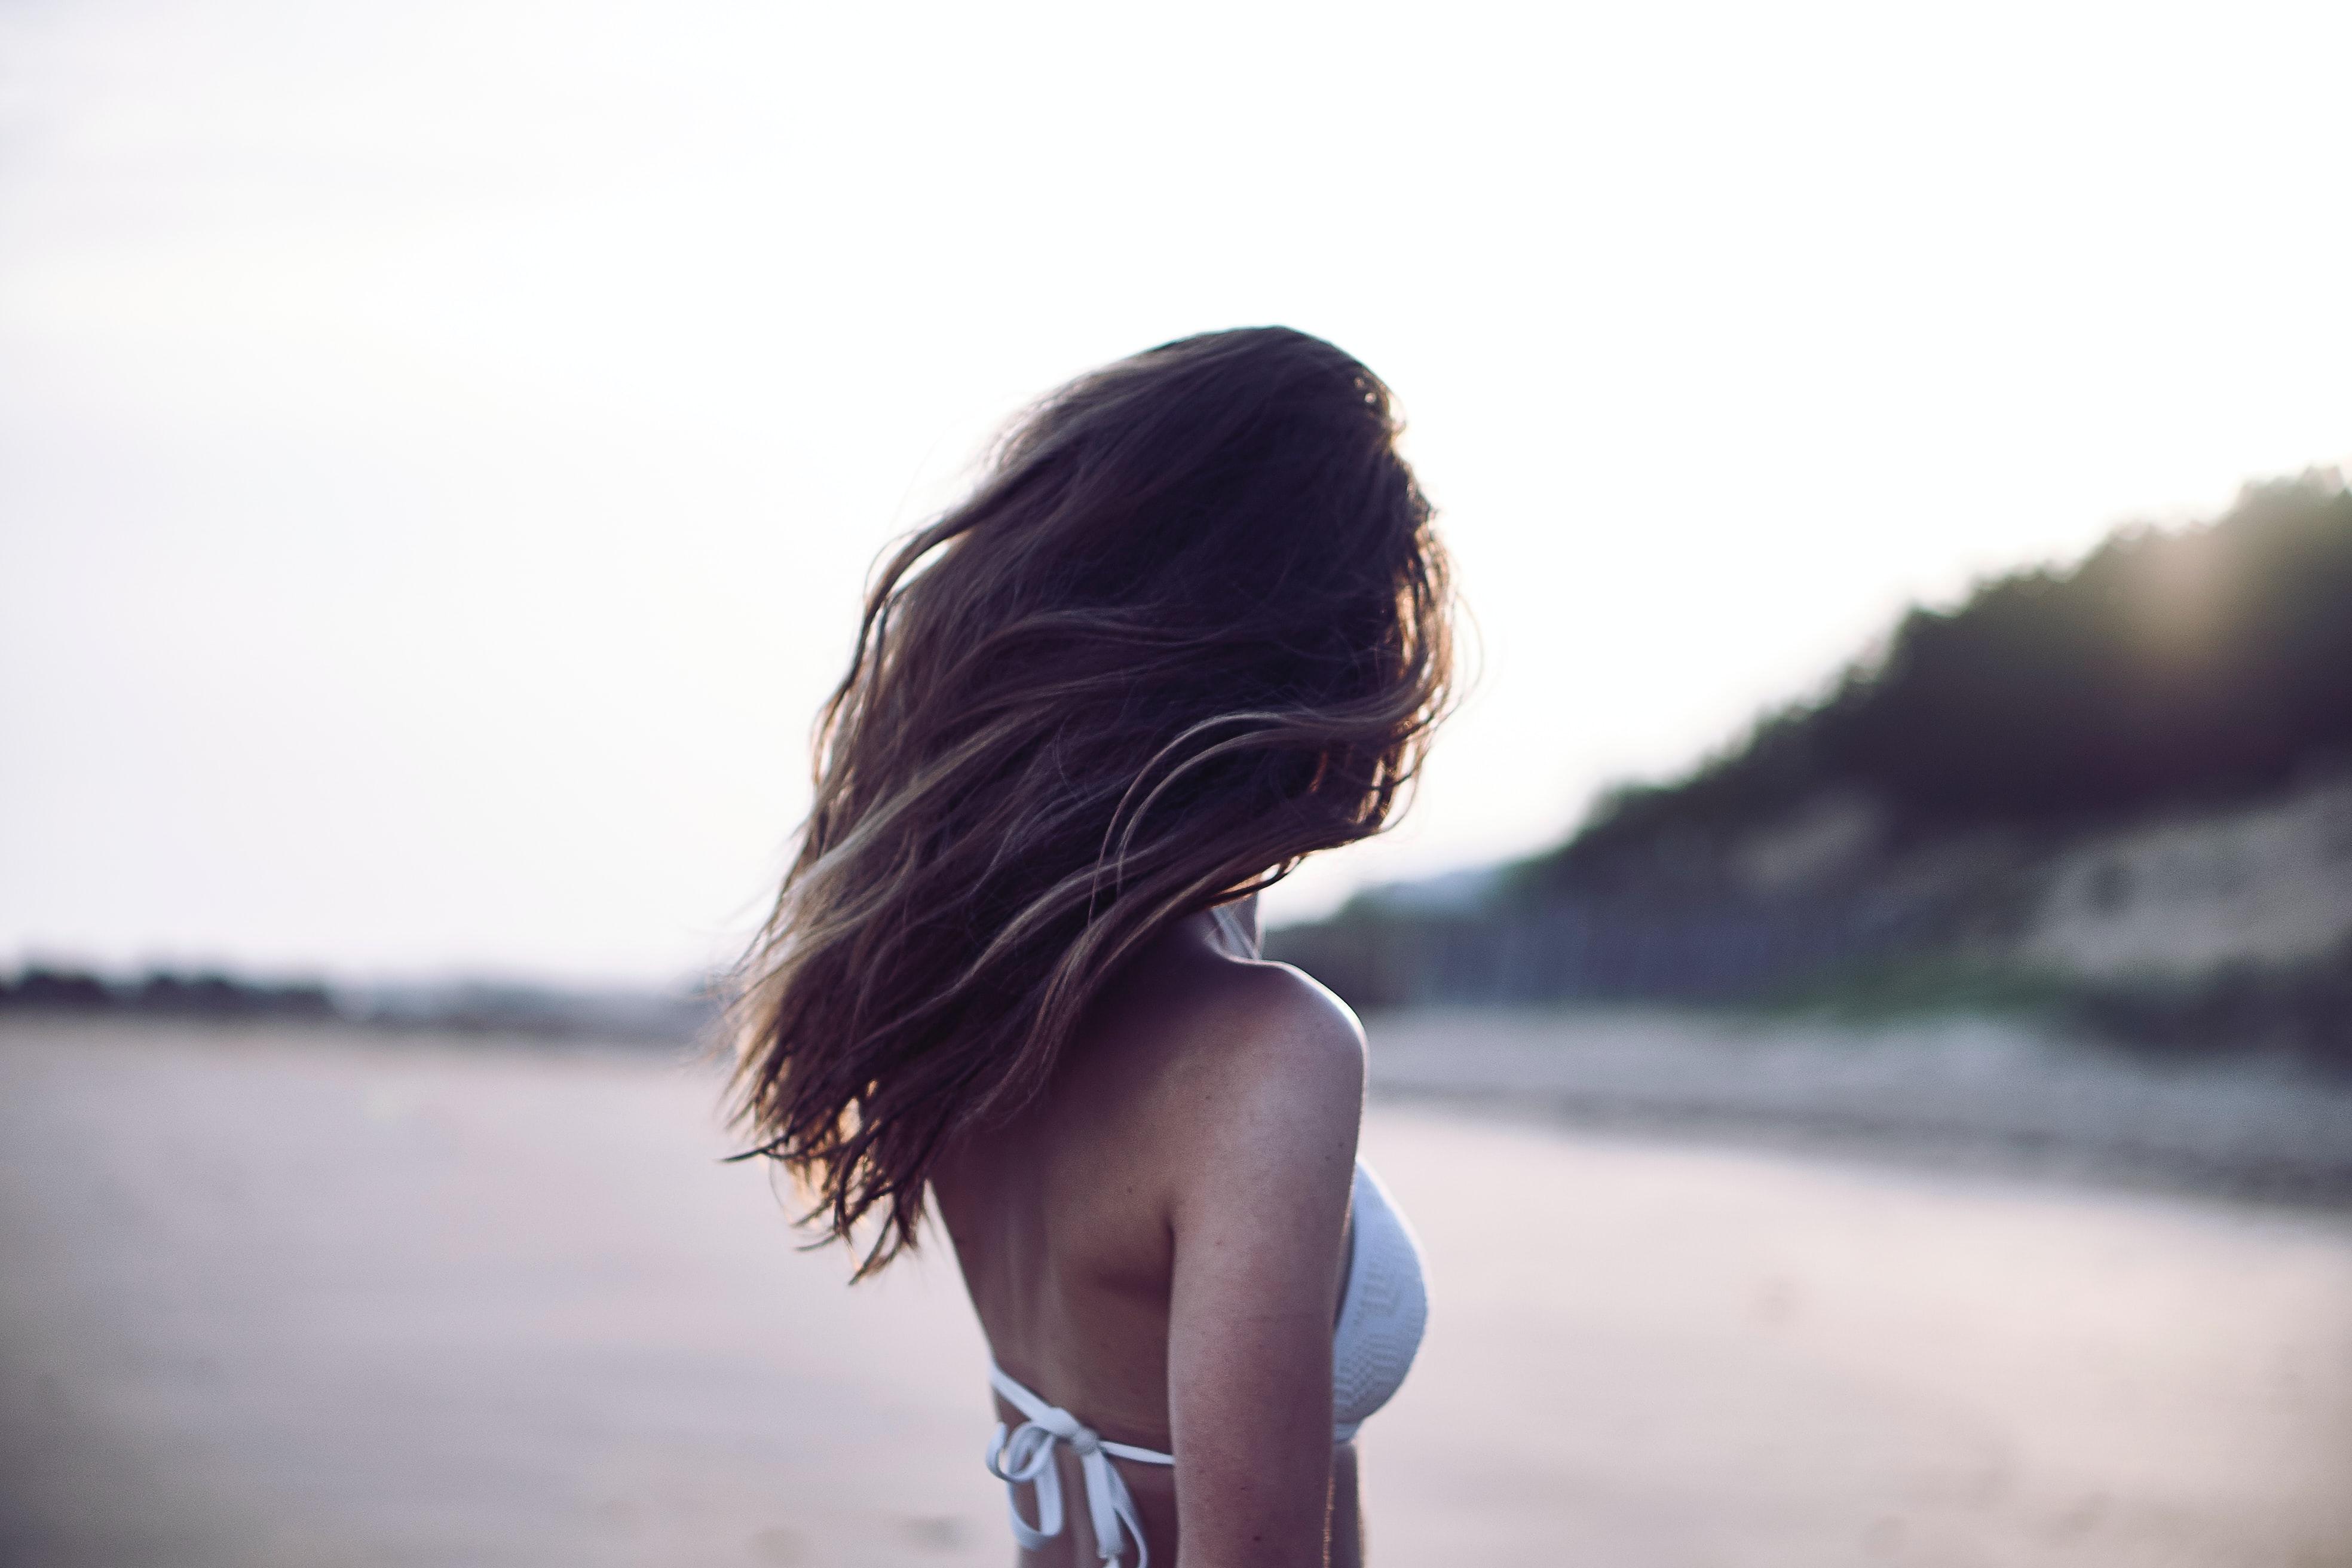 Foukaná - polodlouhé vlasy - 400 Kč